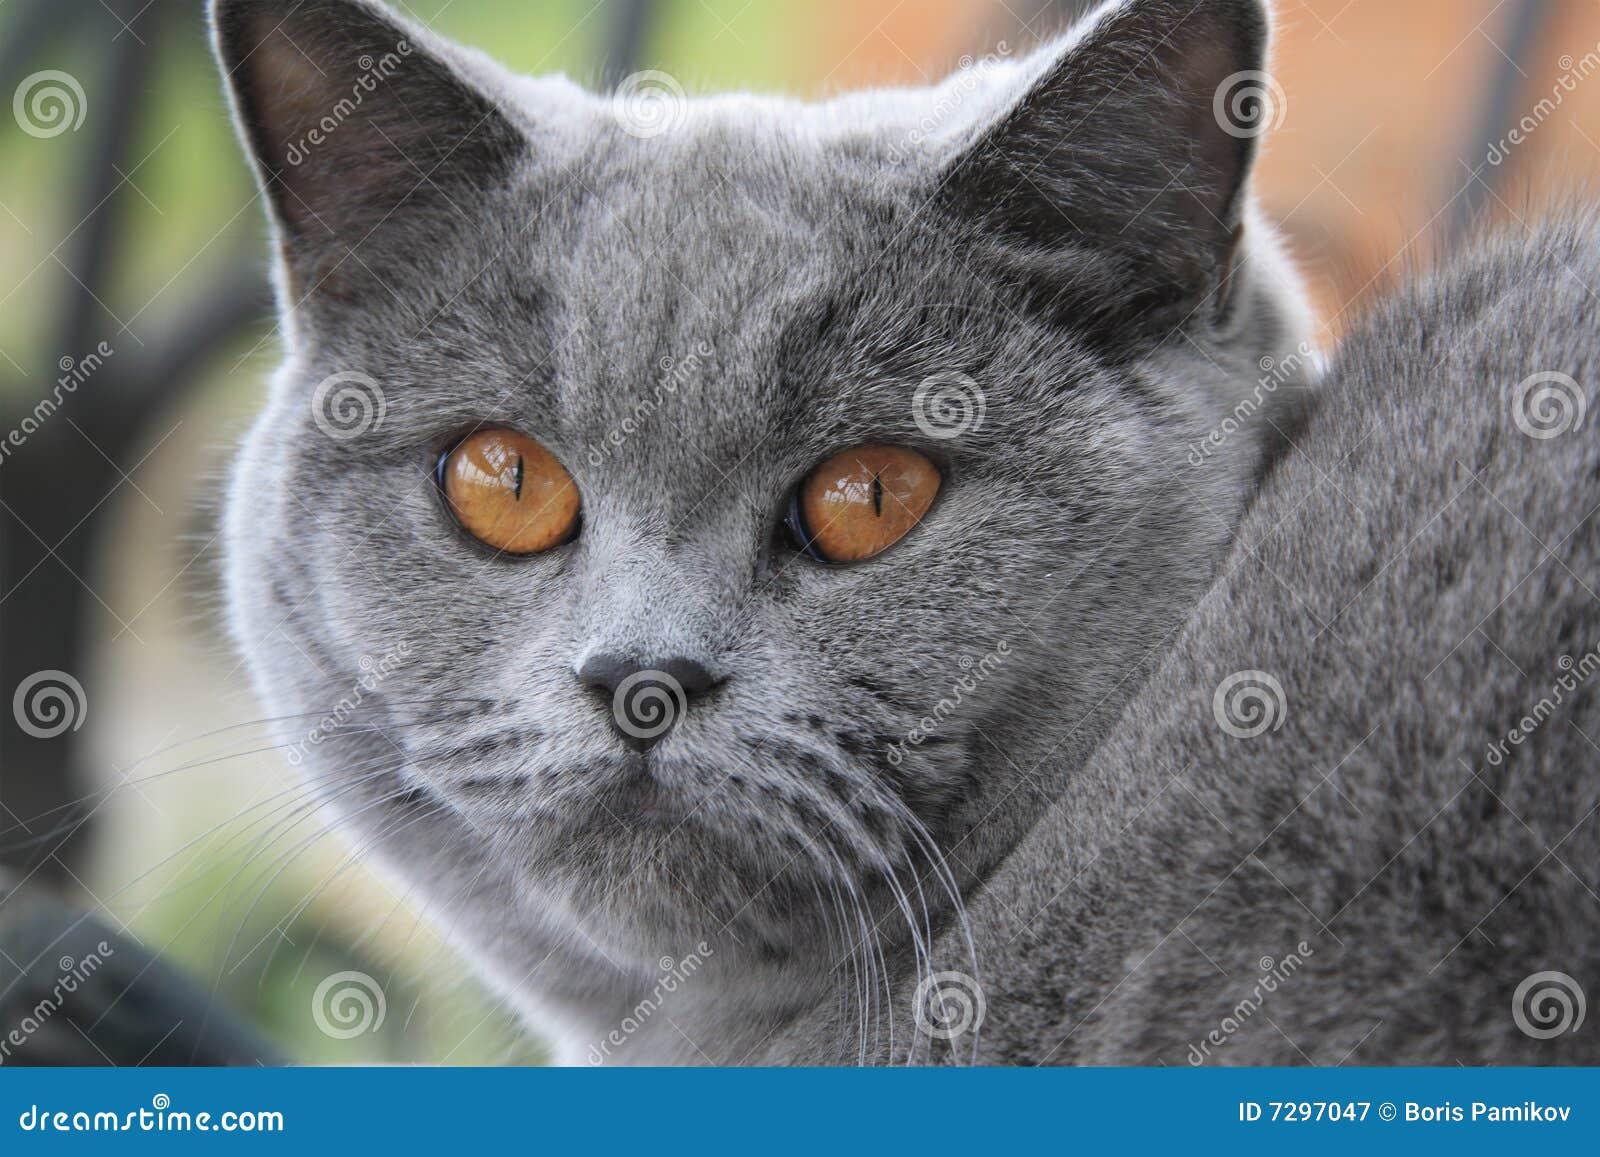 eyes blue Orange shorthair british